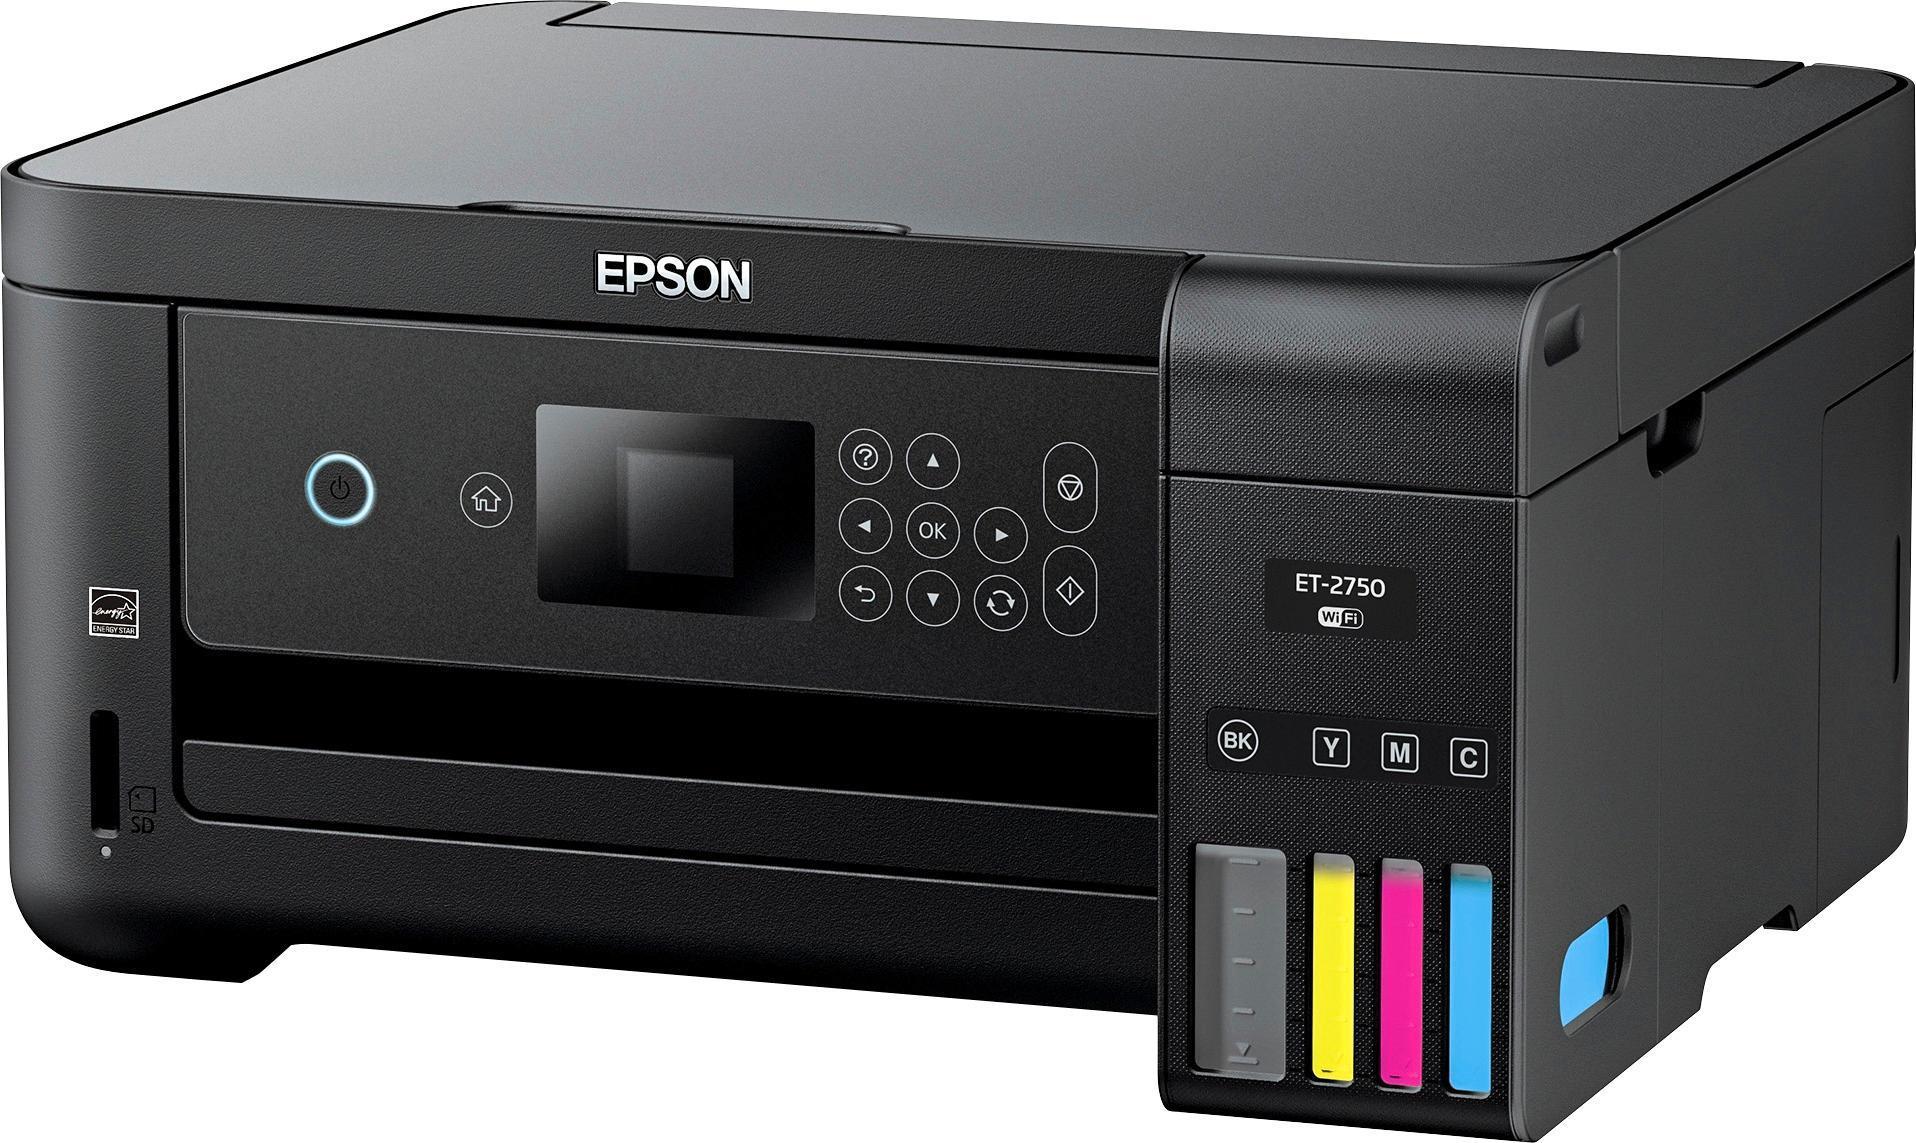 Epson ET 2750 1916x1143